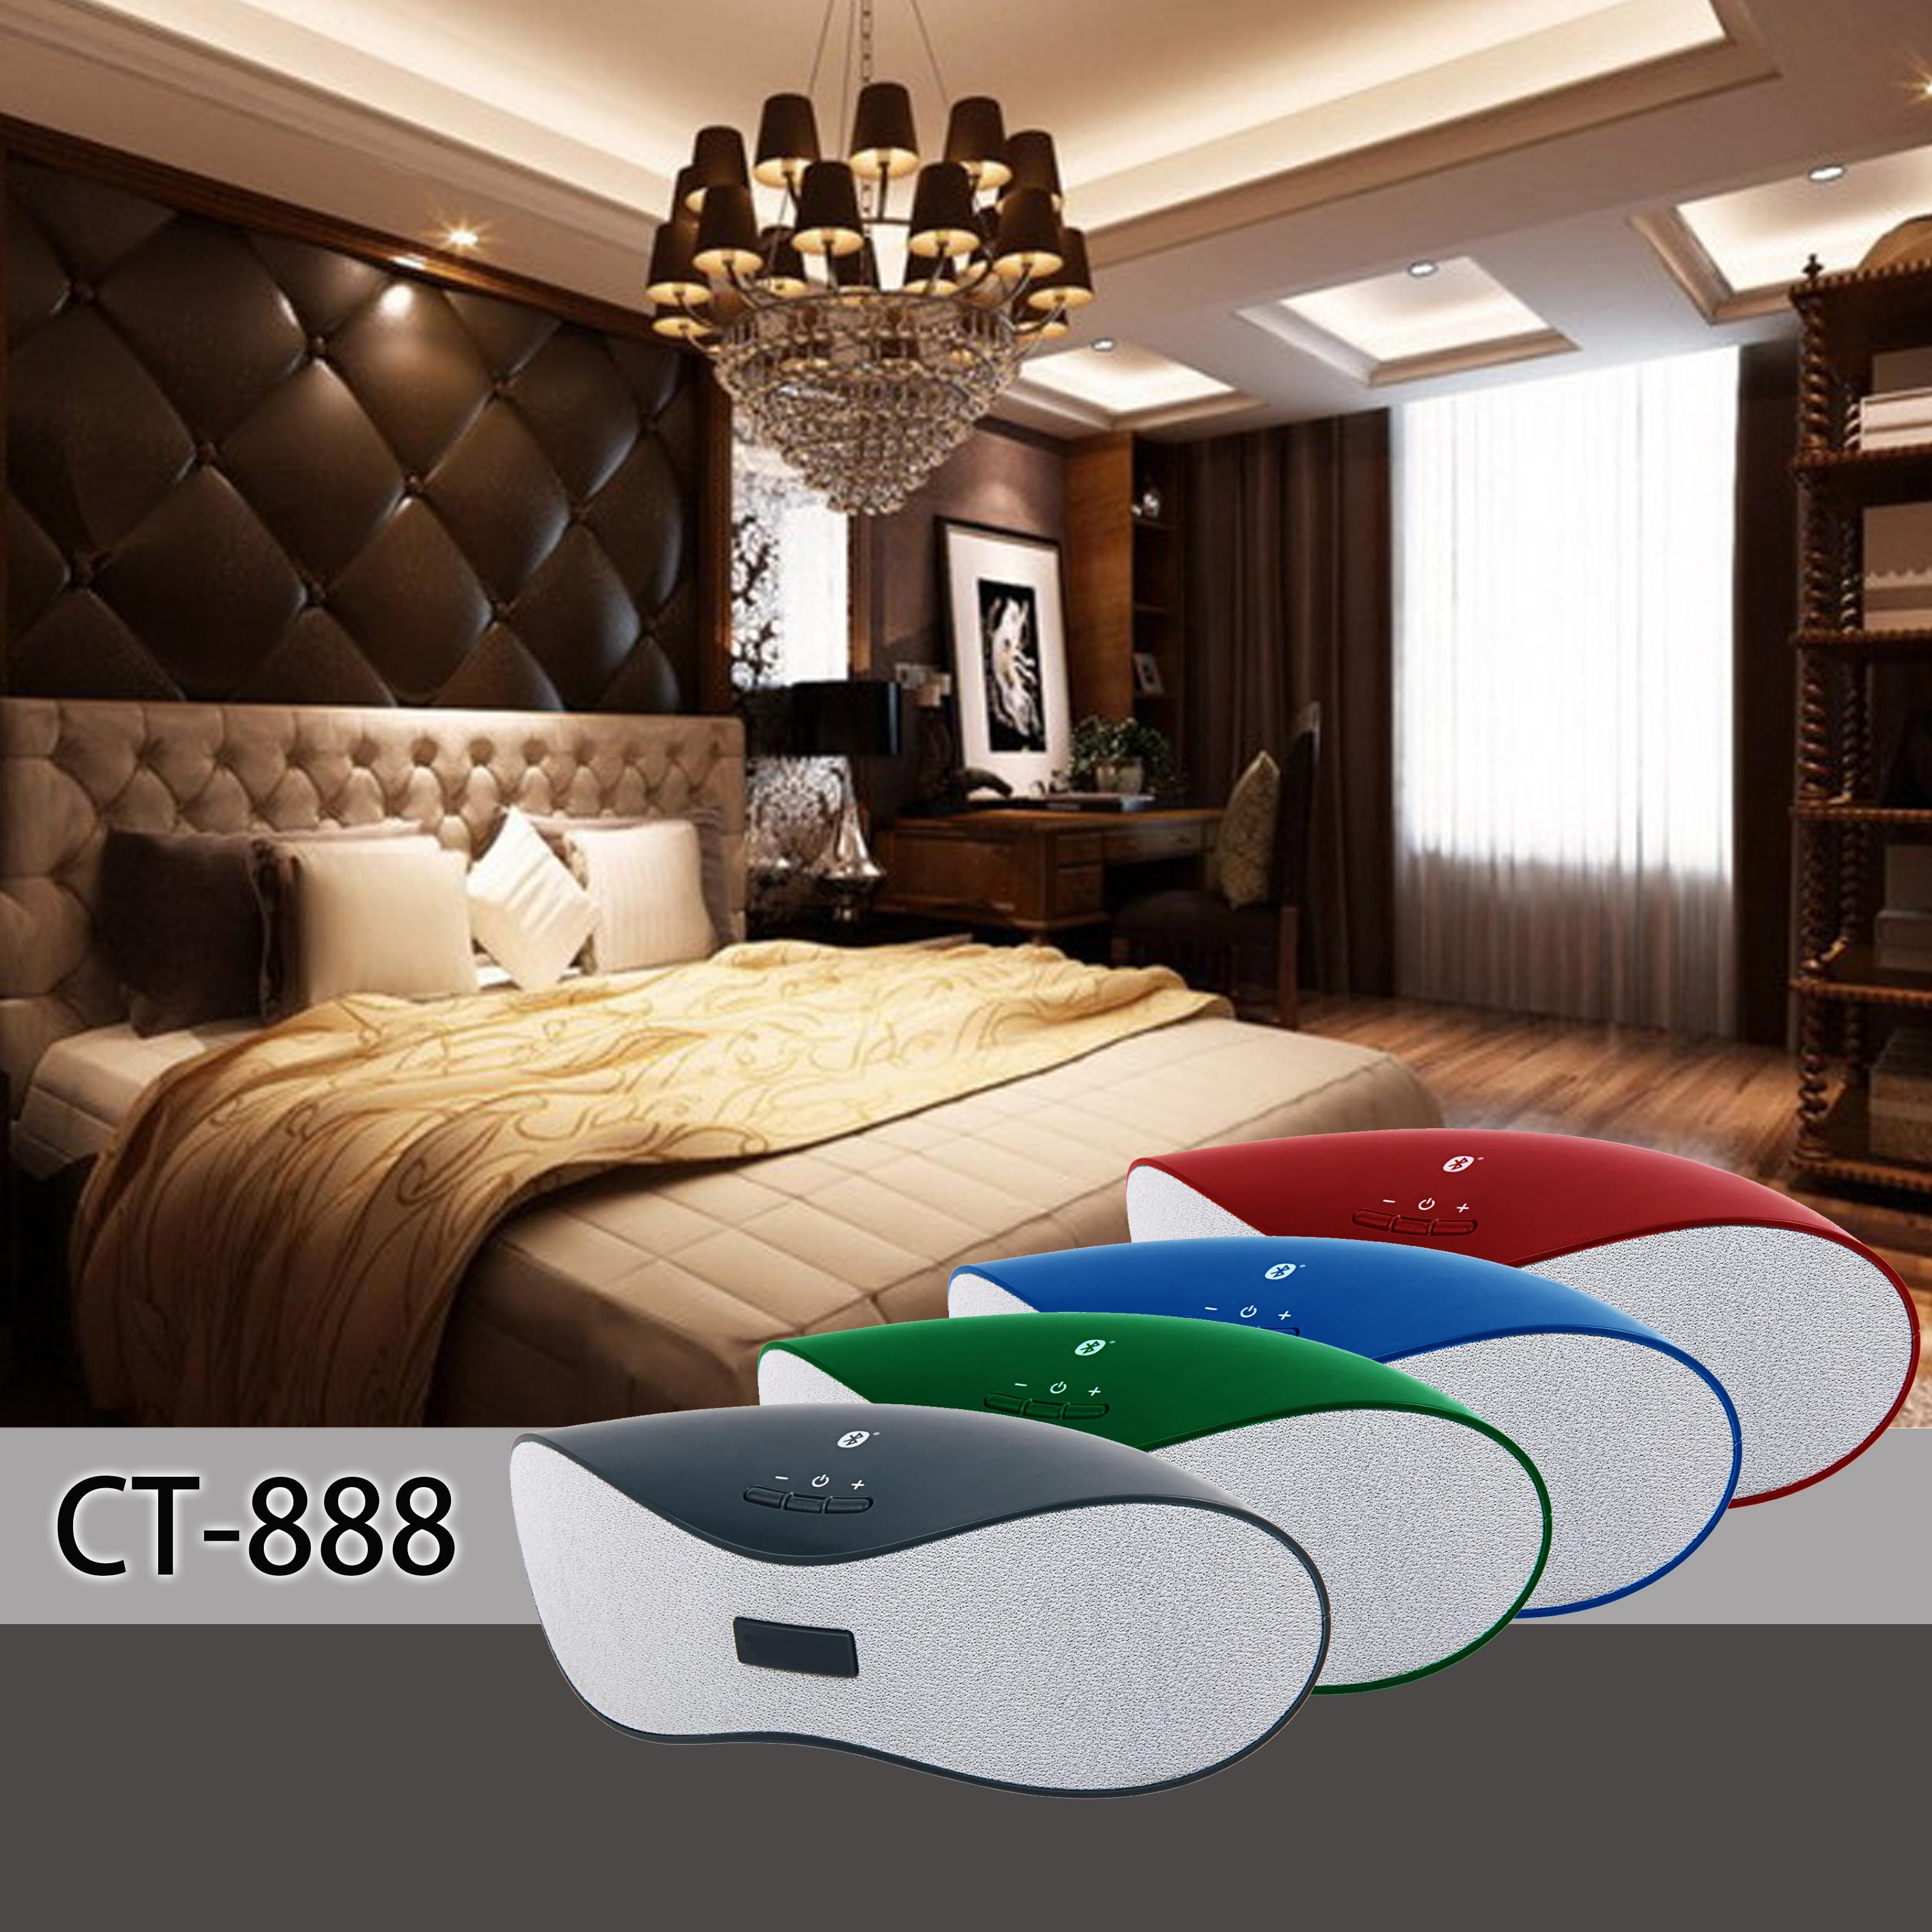 CT-888 Bedroom .jpg